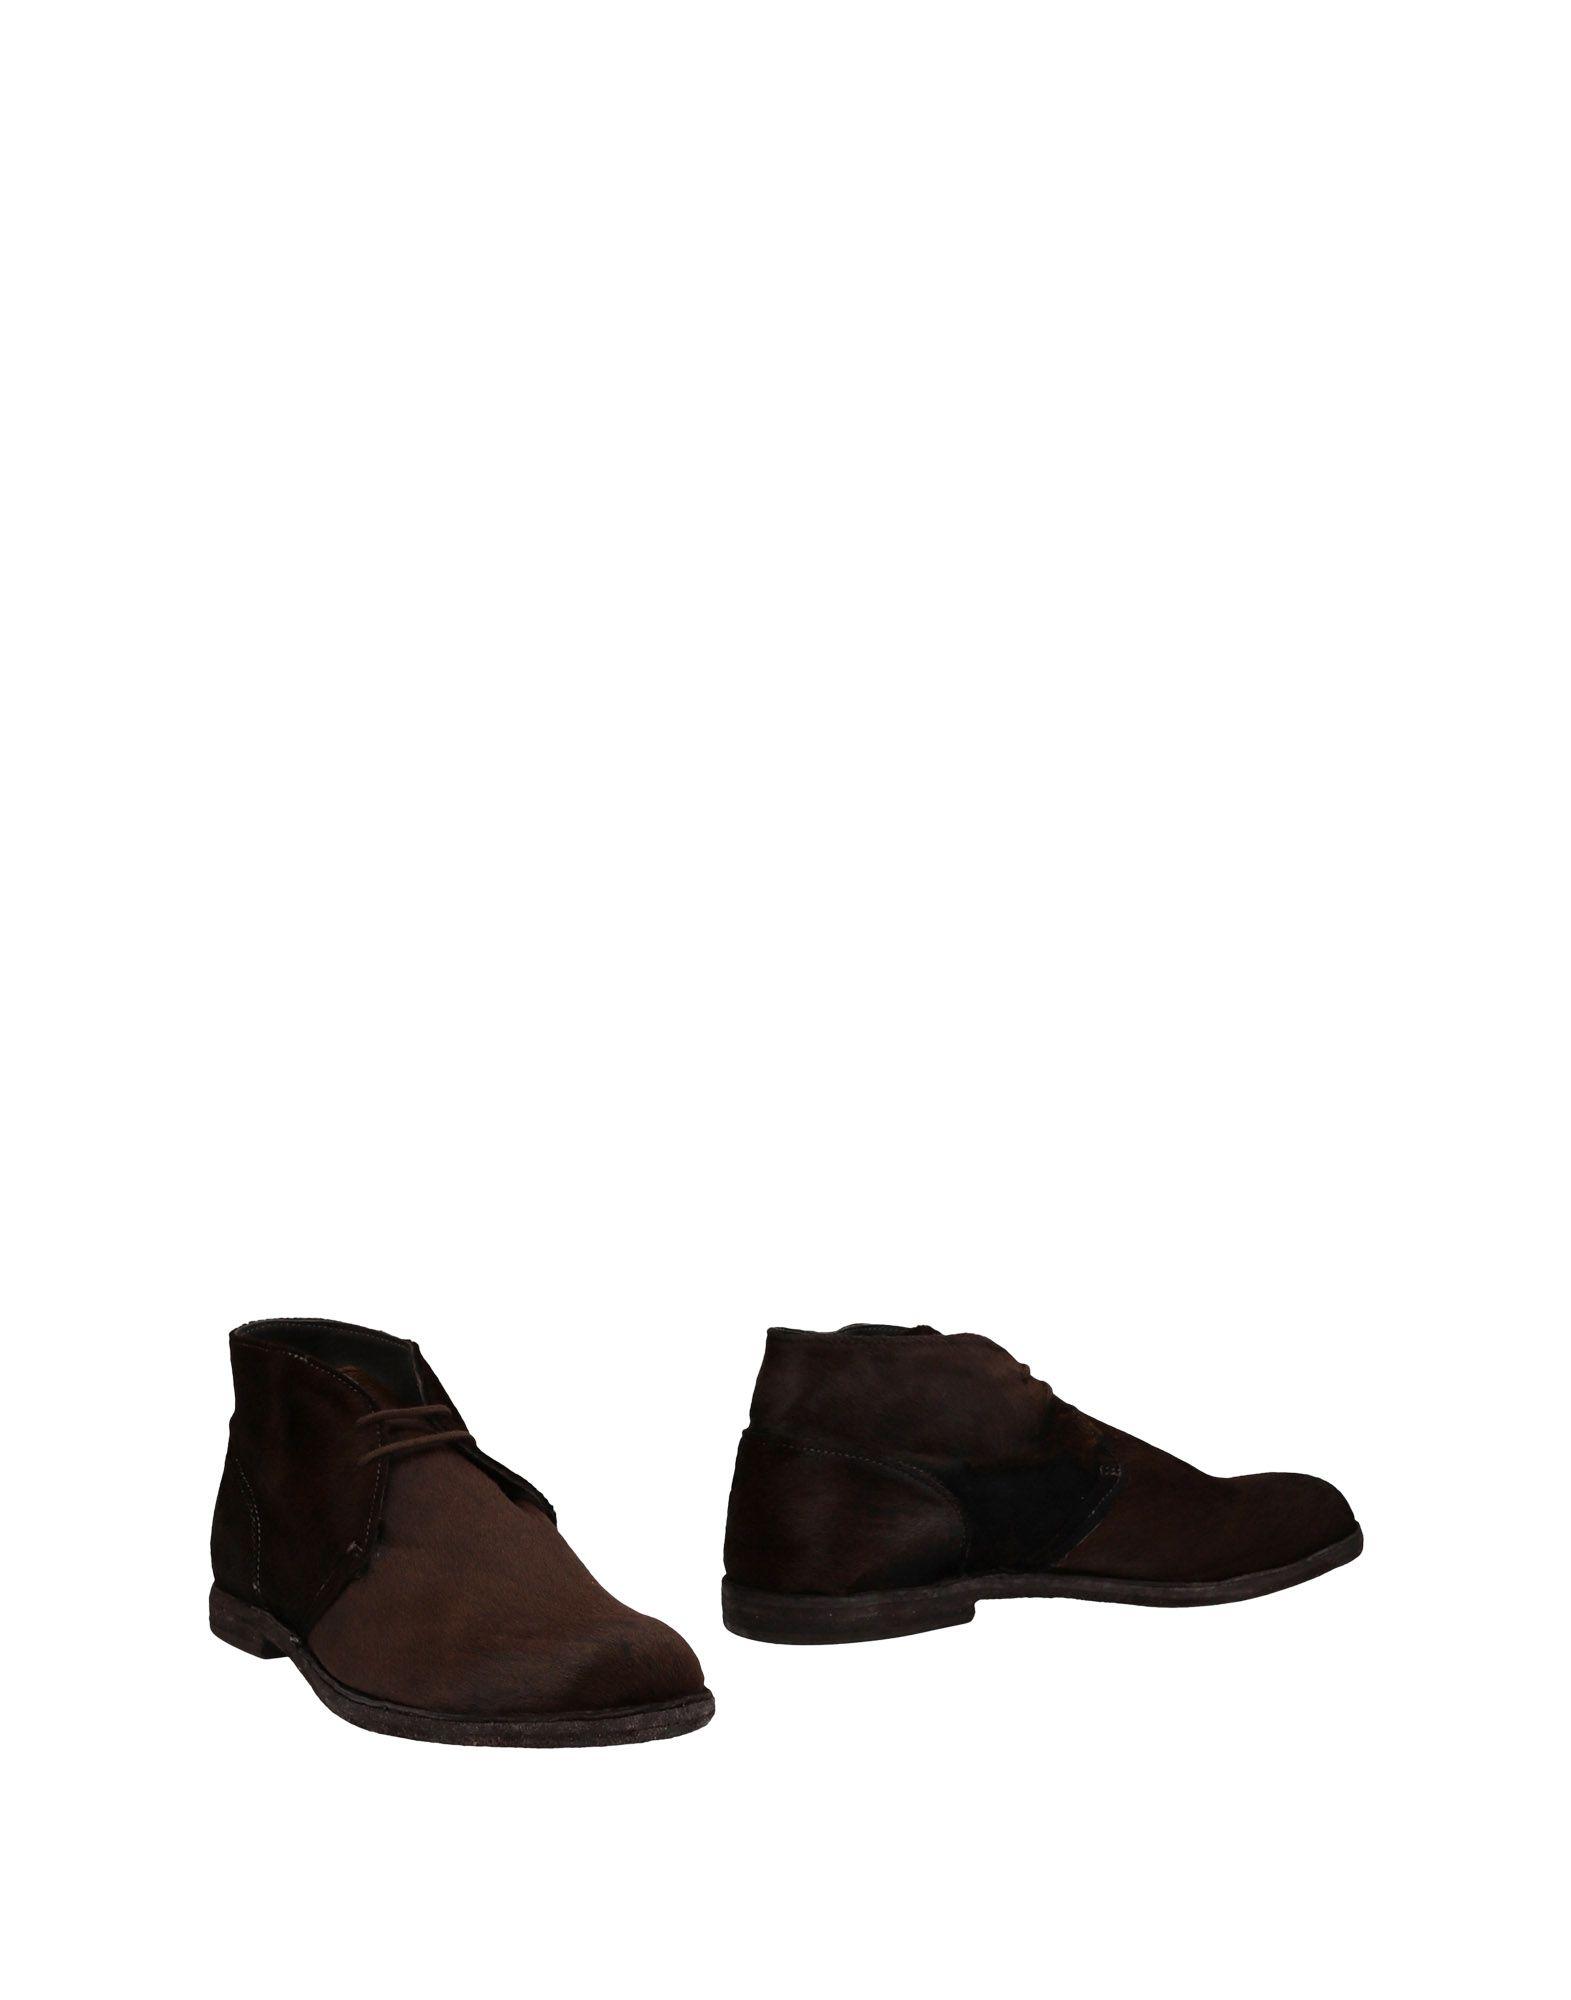 Pantofola D'oro Stiefelette Qualität Herren  11483945LT Gute Qualität Stiefelette beliebte Schuhe bf750c